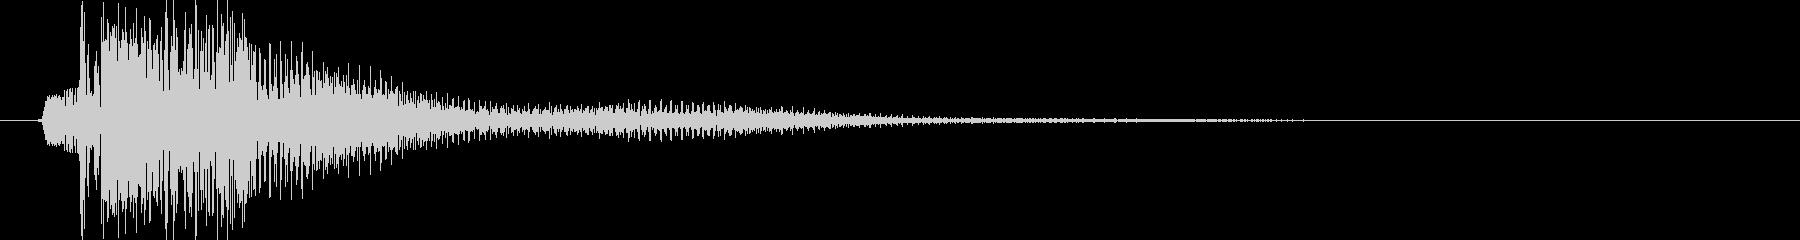 ポチッ(ピローン):ボタン選択音の未再生の波形